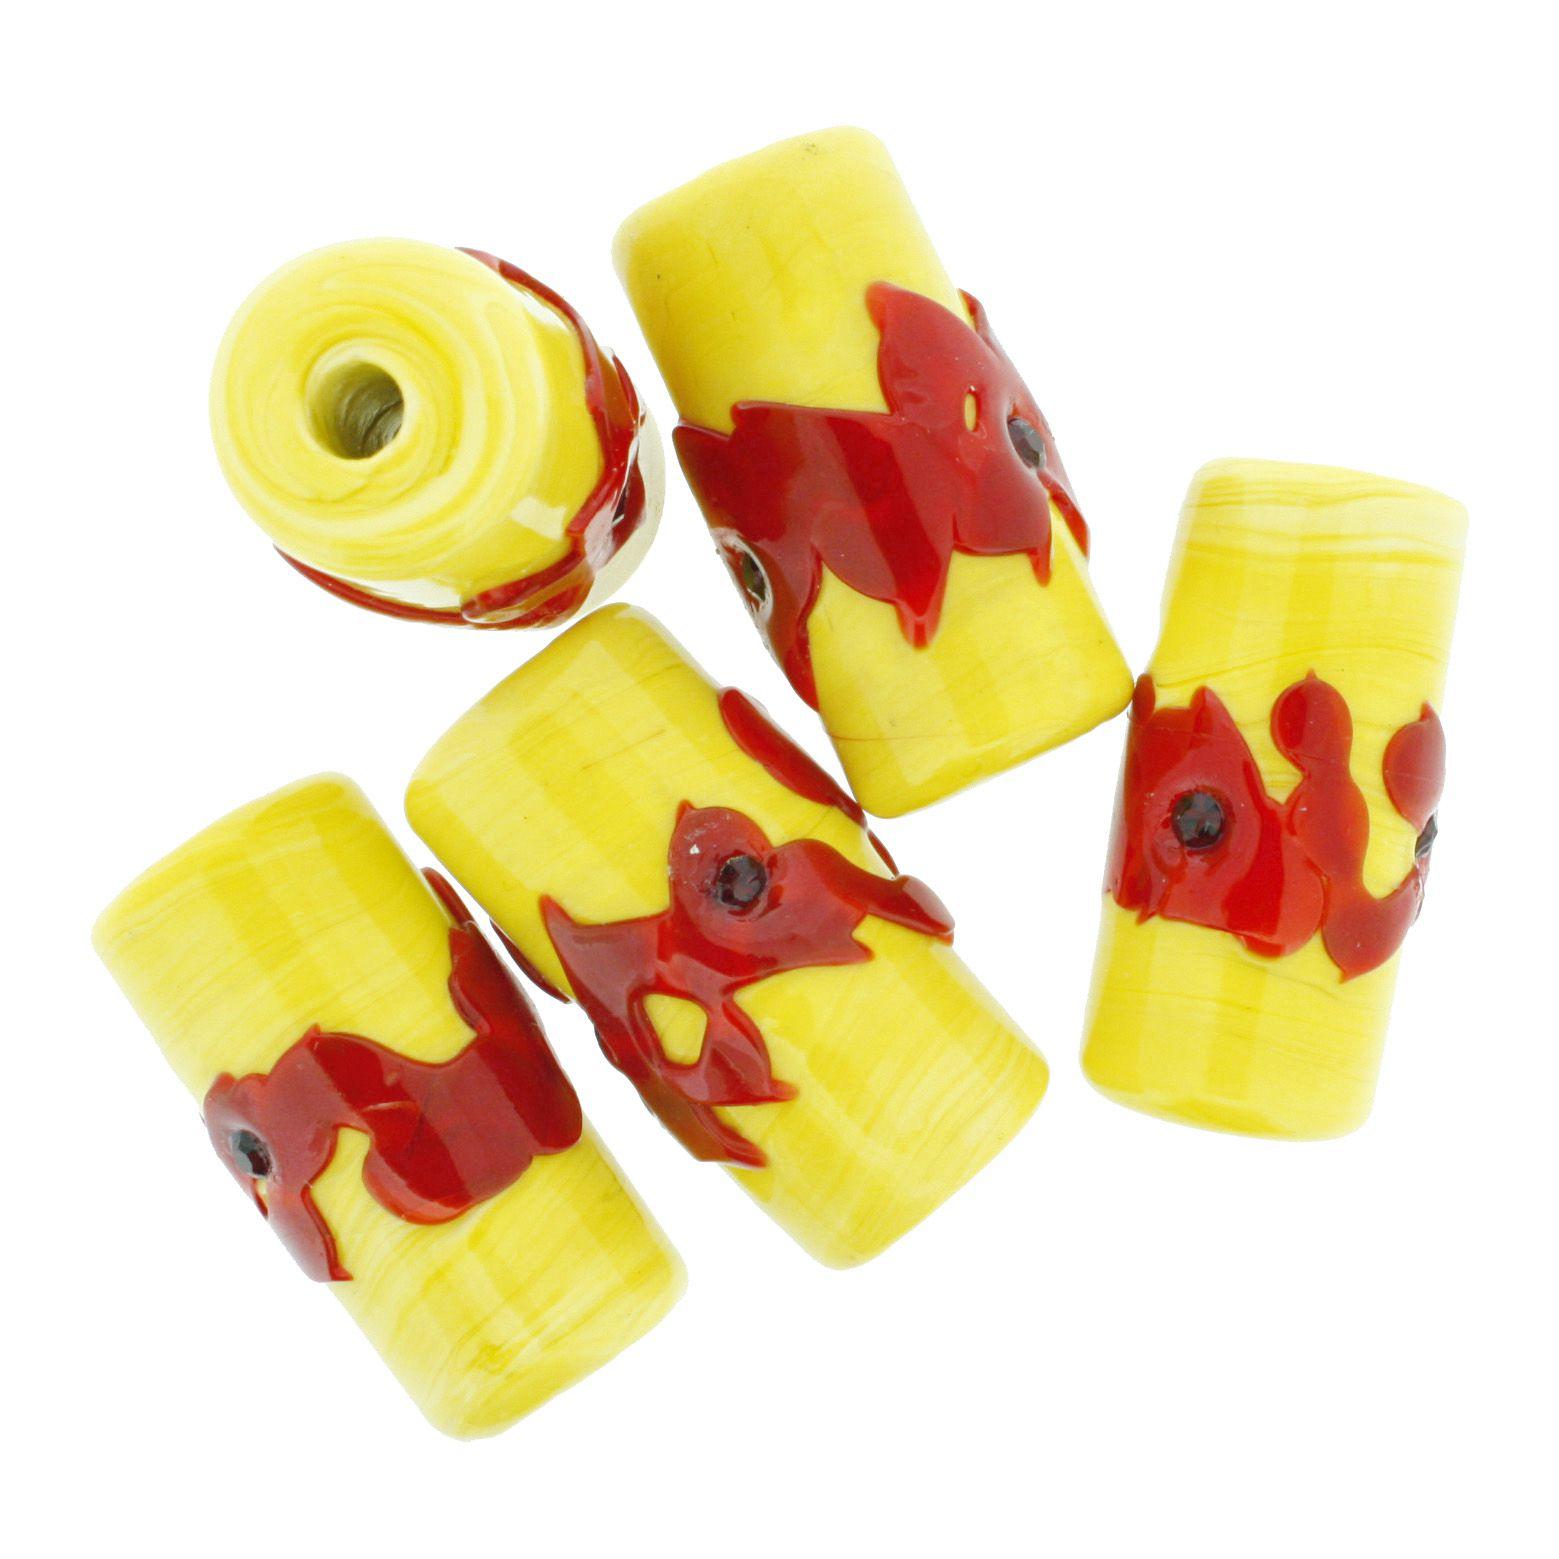 Firmas Strass GG - Amarela e Vermelha  - Stéphanie Bijoux® - Peças para Bijuterias e Artesanato